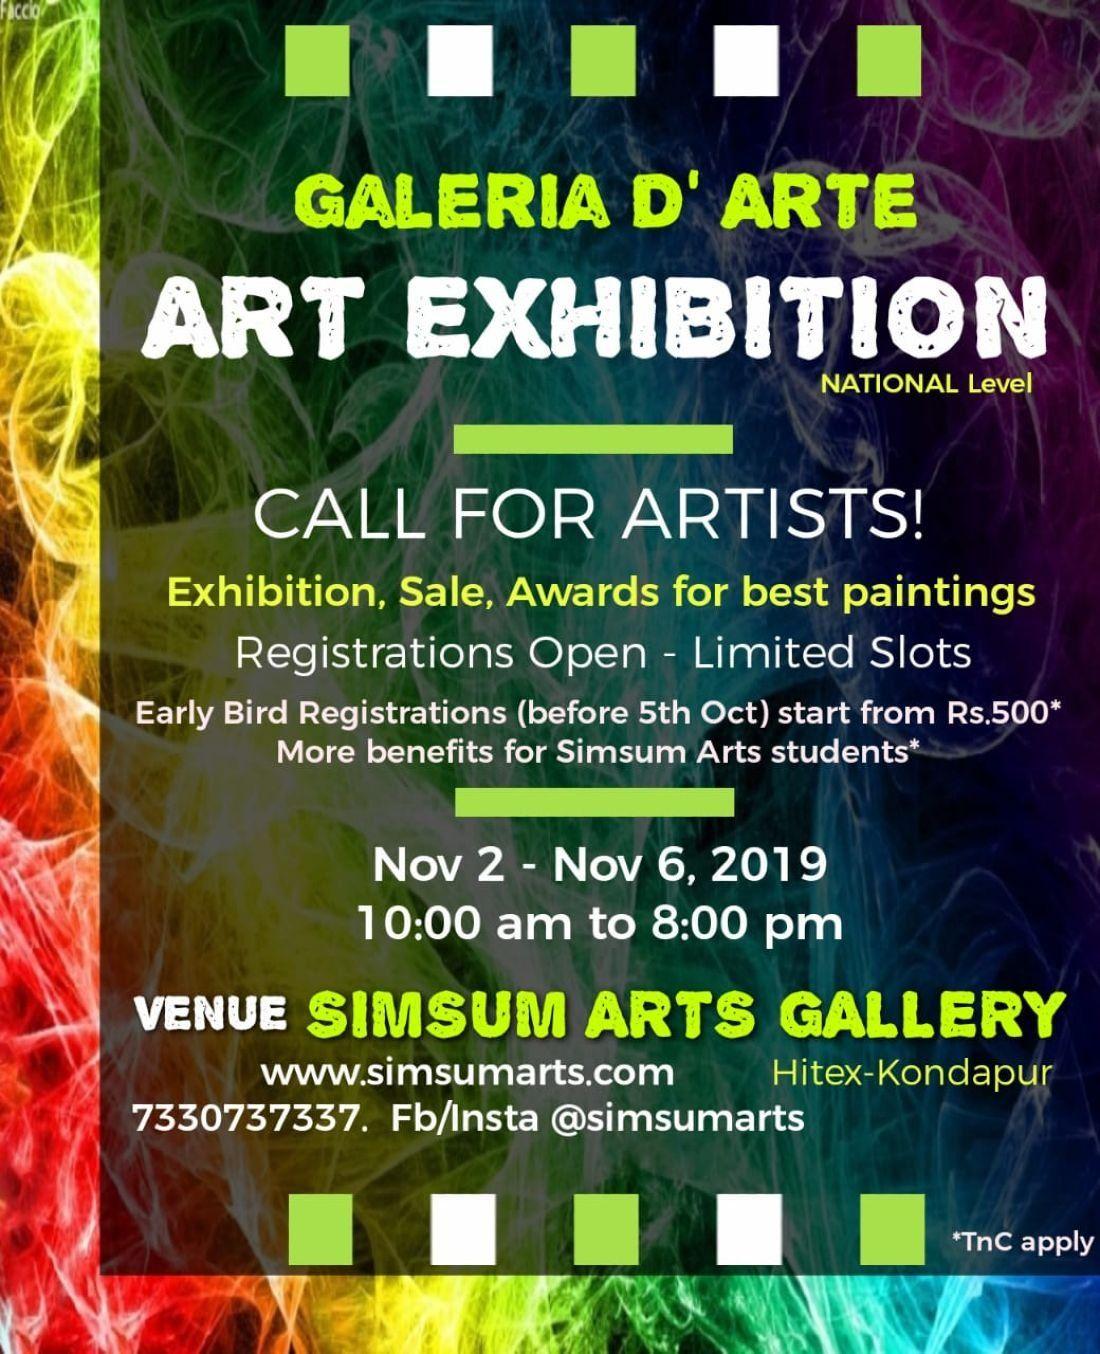 Galeria DArte - ART EXHIBITION